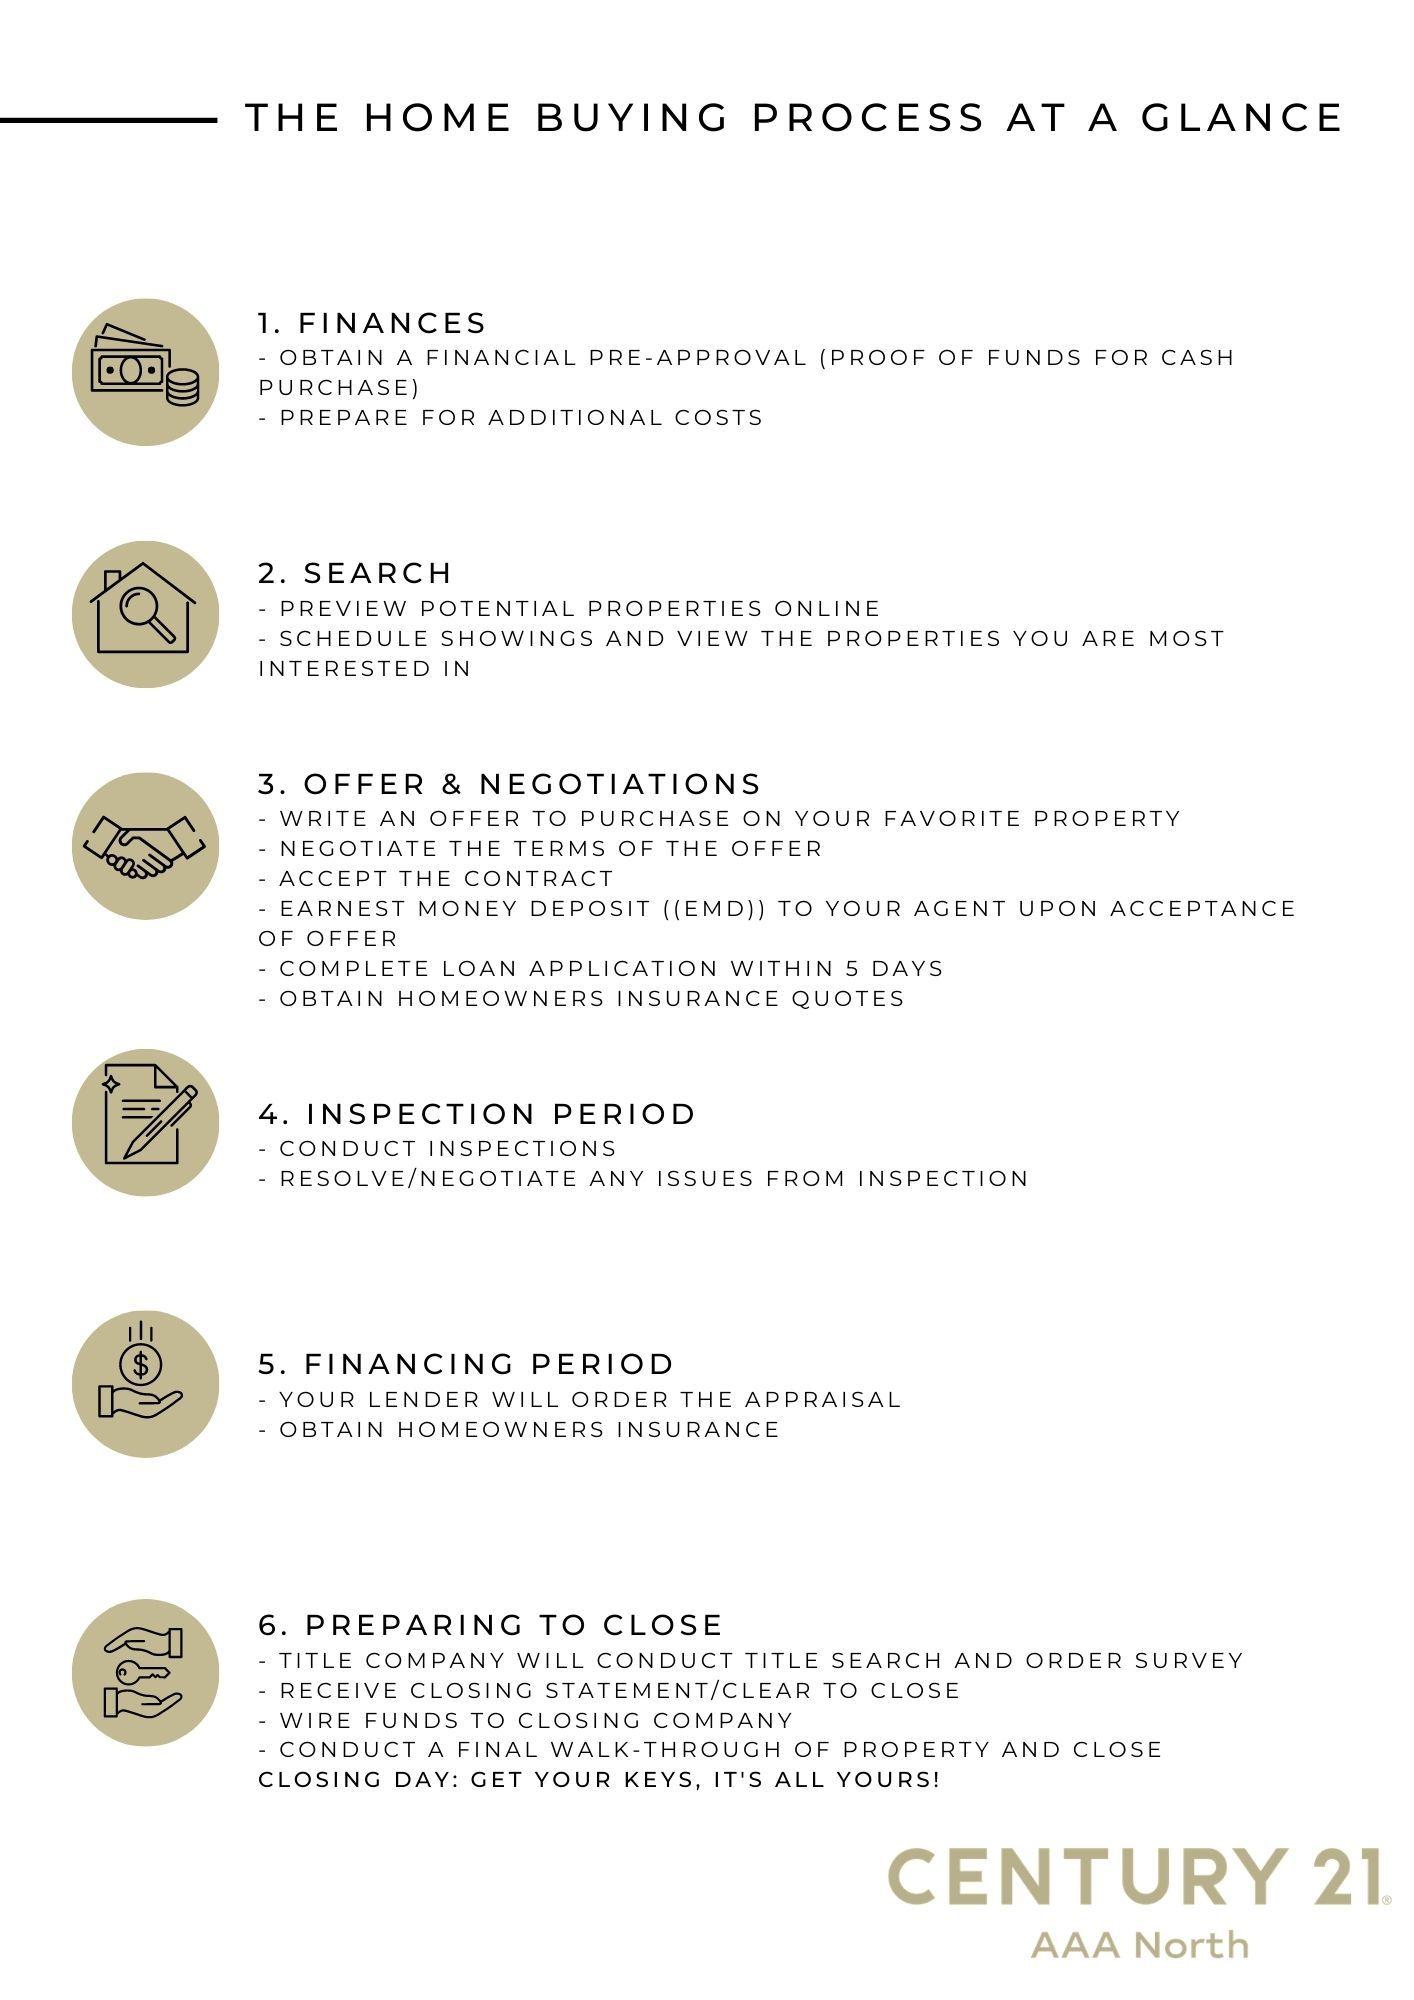 Copy-of-_-Old-Buyer-Guide-_-1.jpg